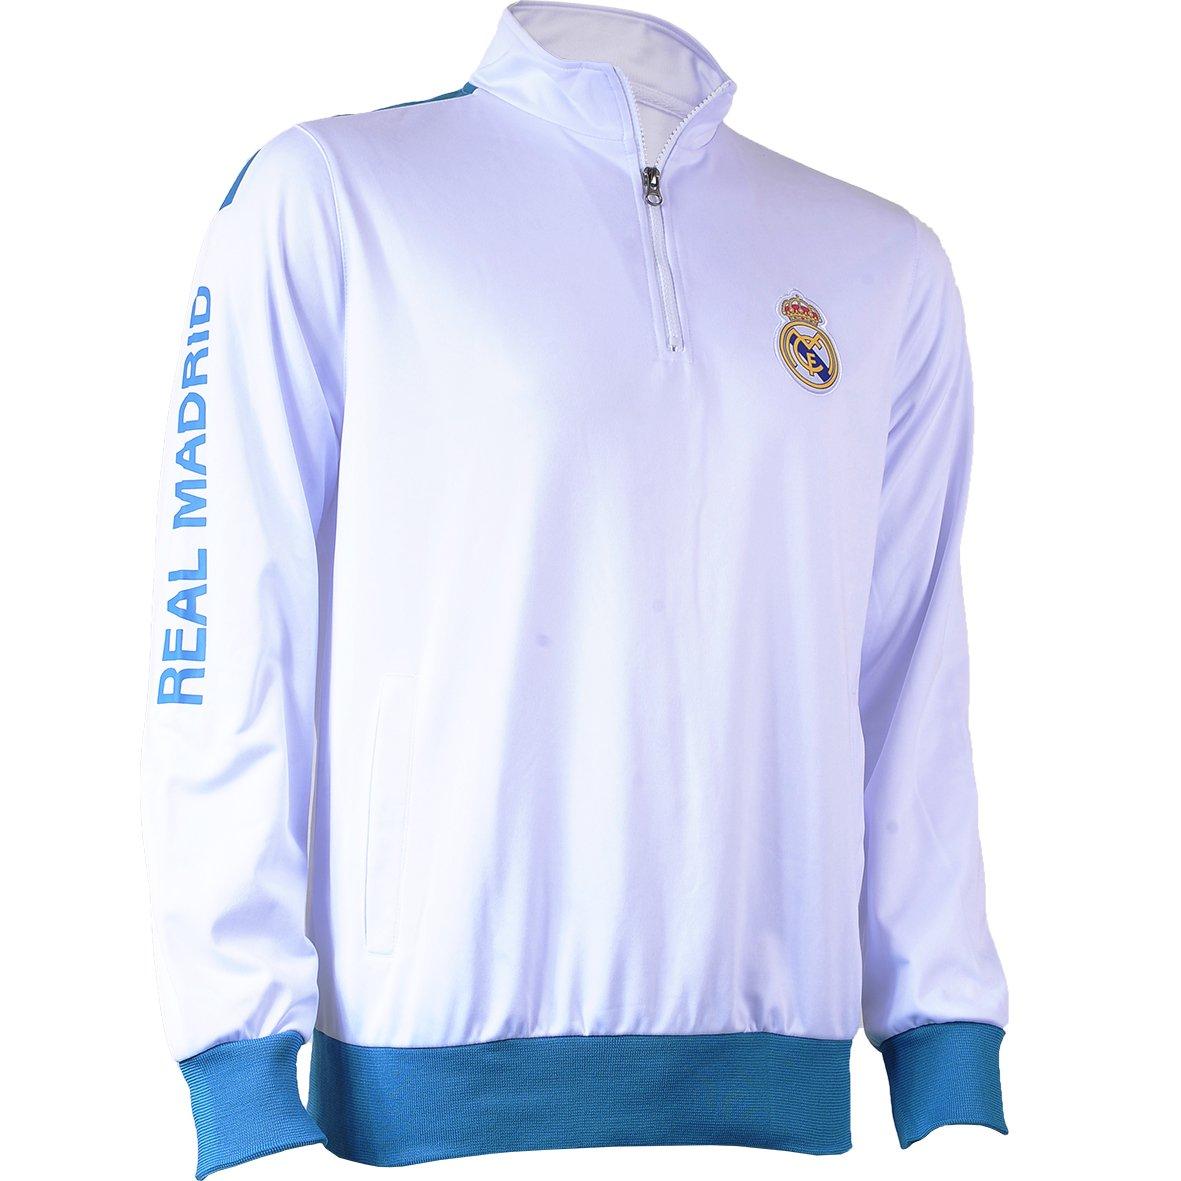 Real Madrid rma-sa-8001 BC Mixed/B Chándal para Hombre, Unisex ...